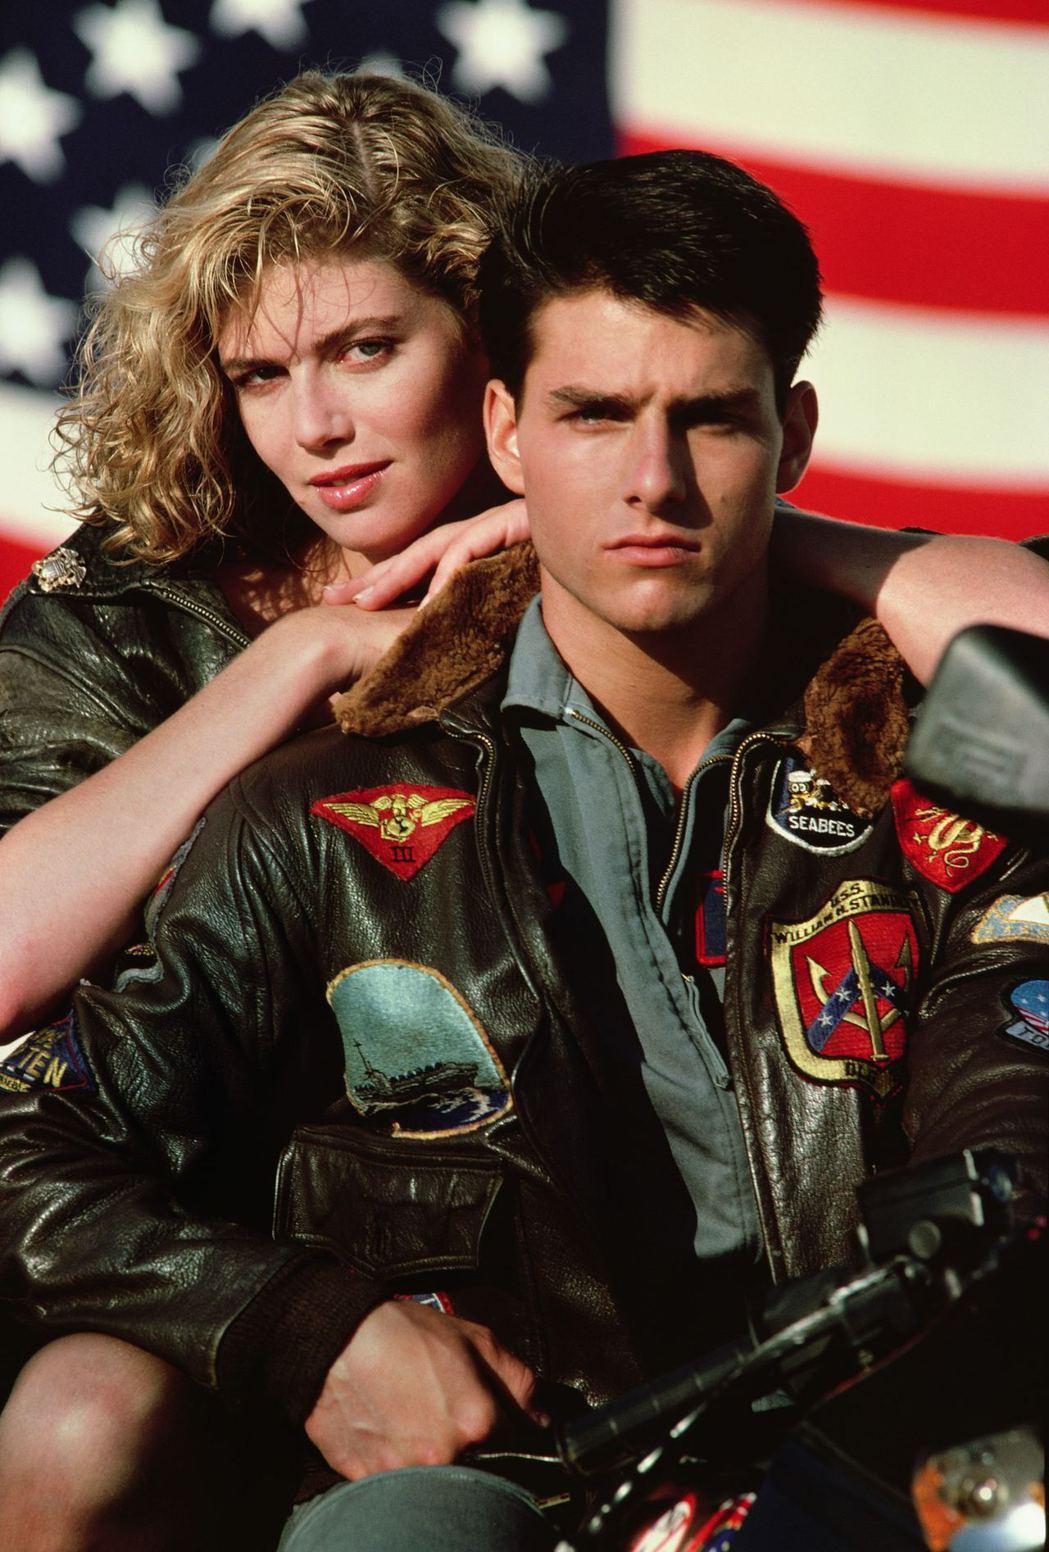 「捍衛戰士」湯姆克魯斯與凱莉麥姬莉絲的搭配掀起票房熱潮。圖/摘自imdb